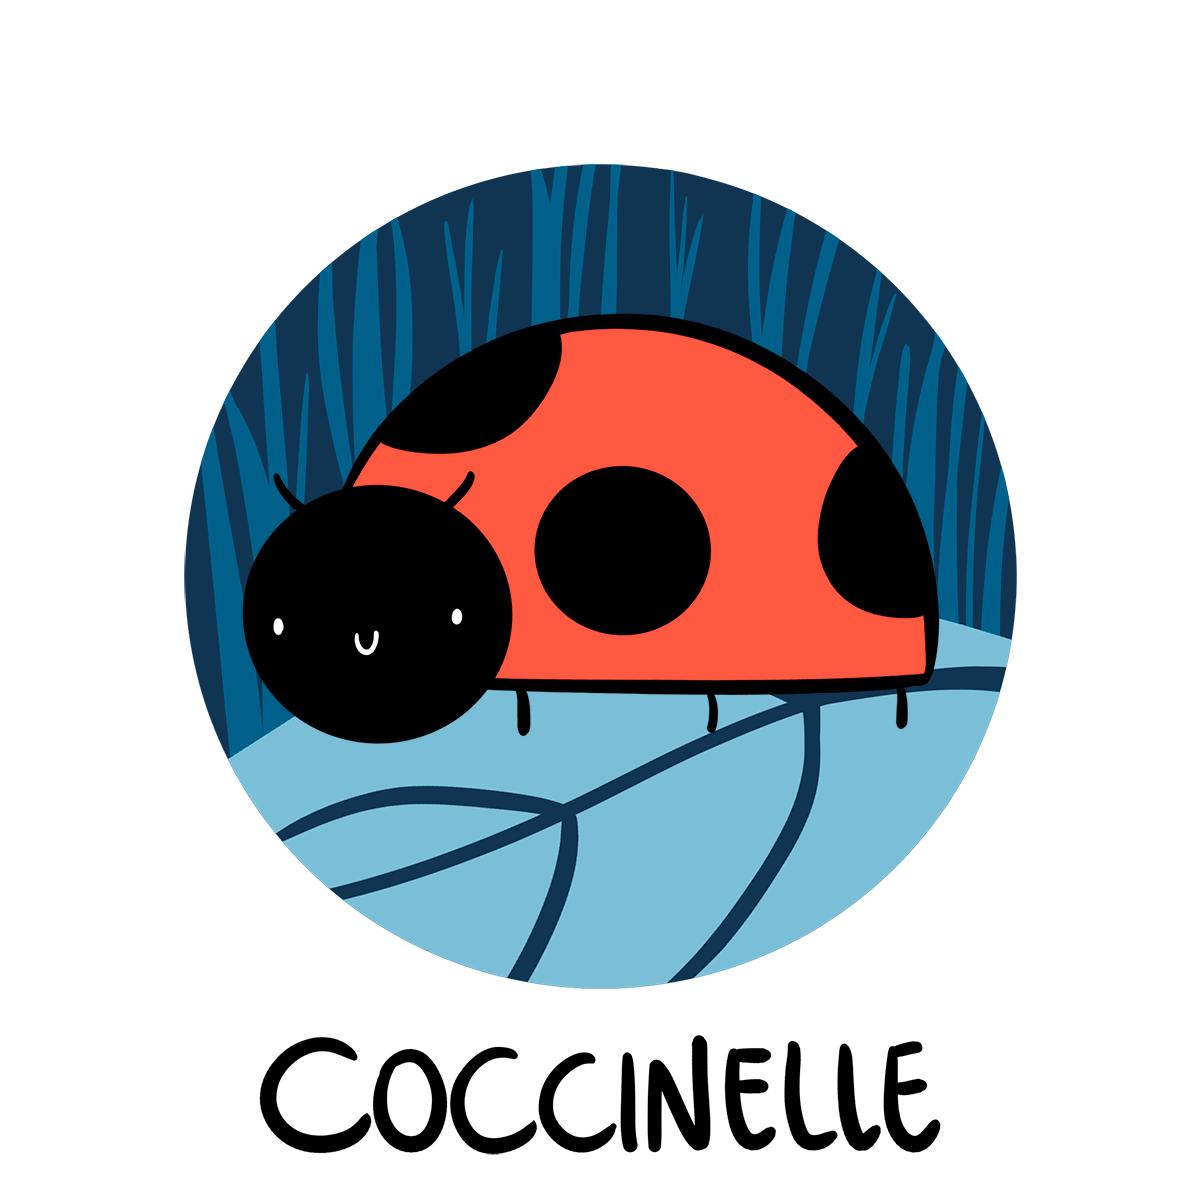 Coccinelle en francés